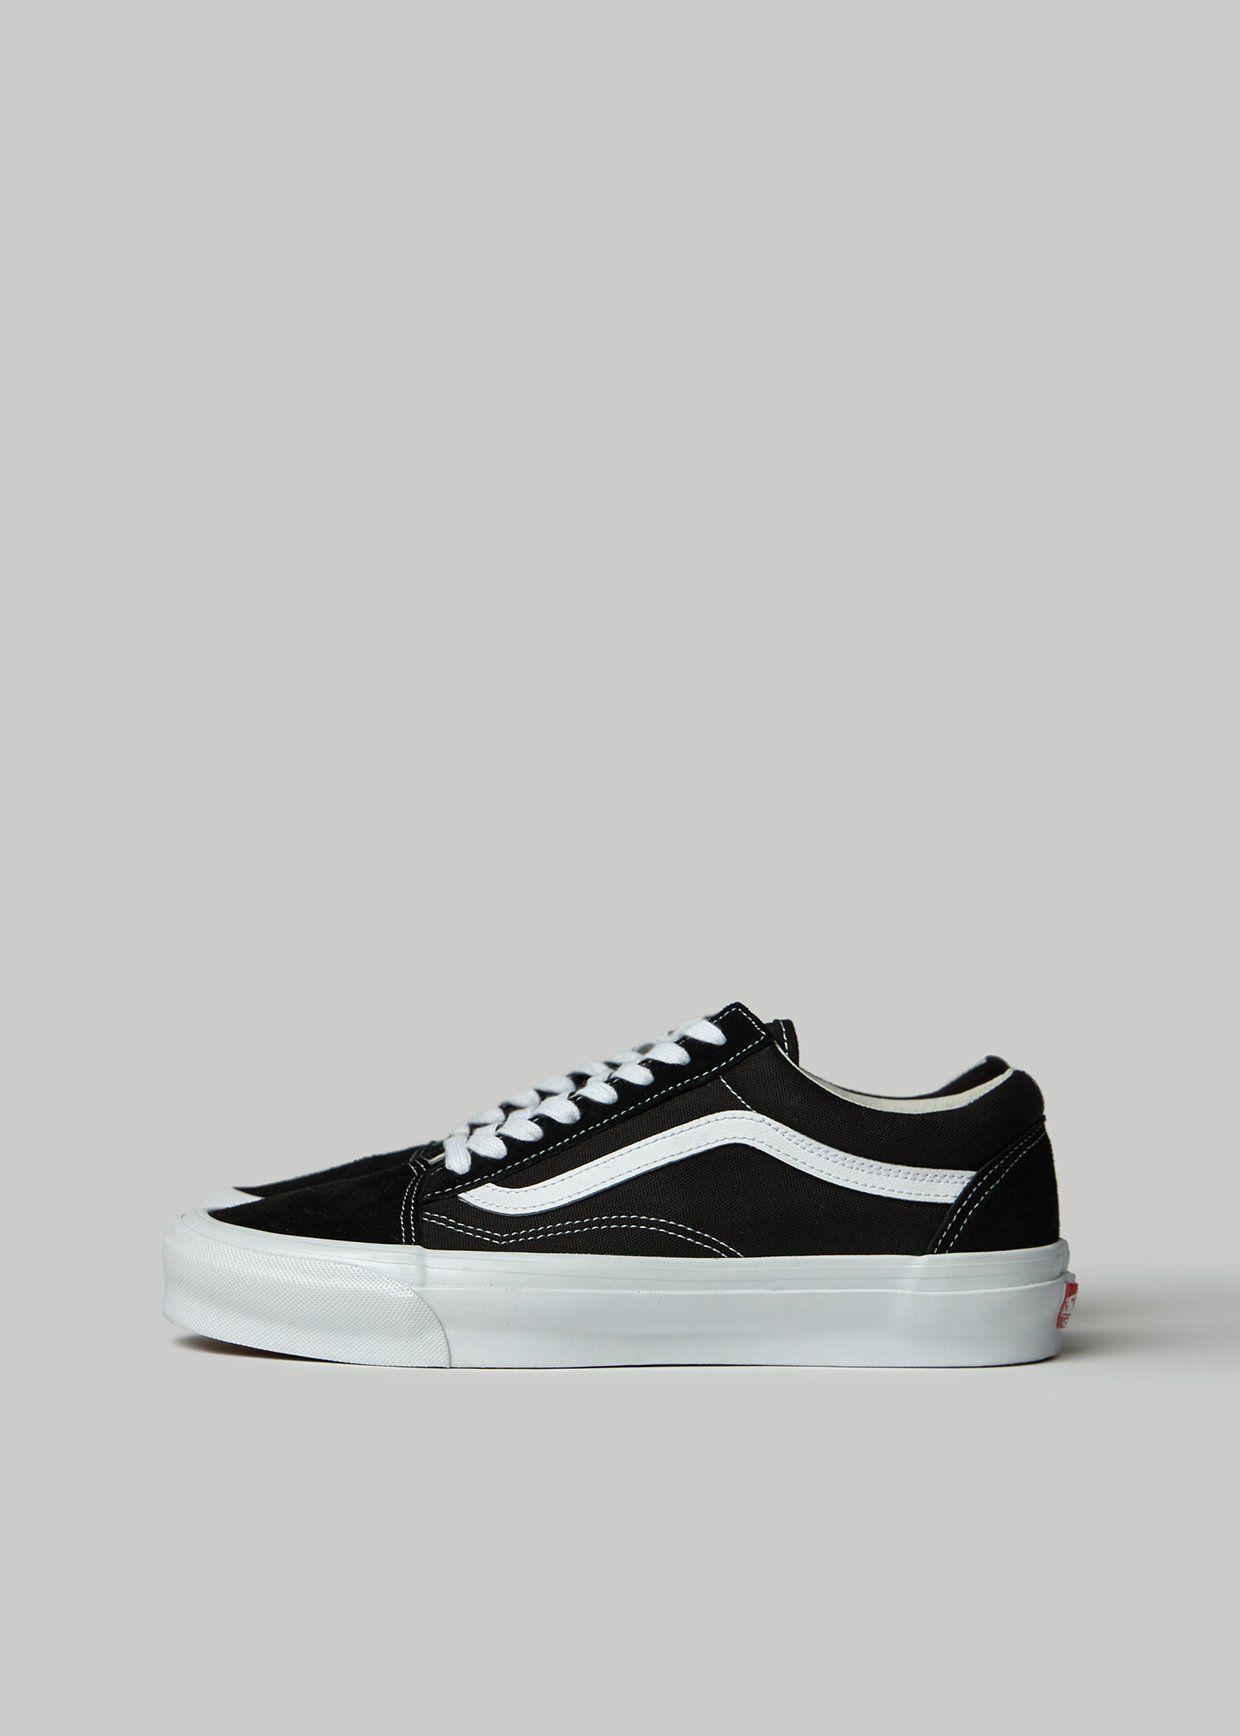 Vault by Vans Men's Old Skool LX Sneaker in BlackTrue White